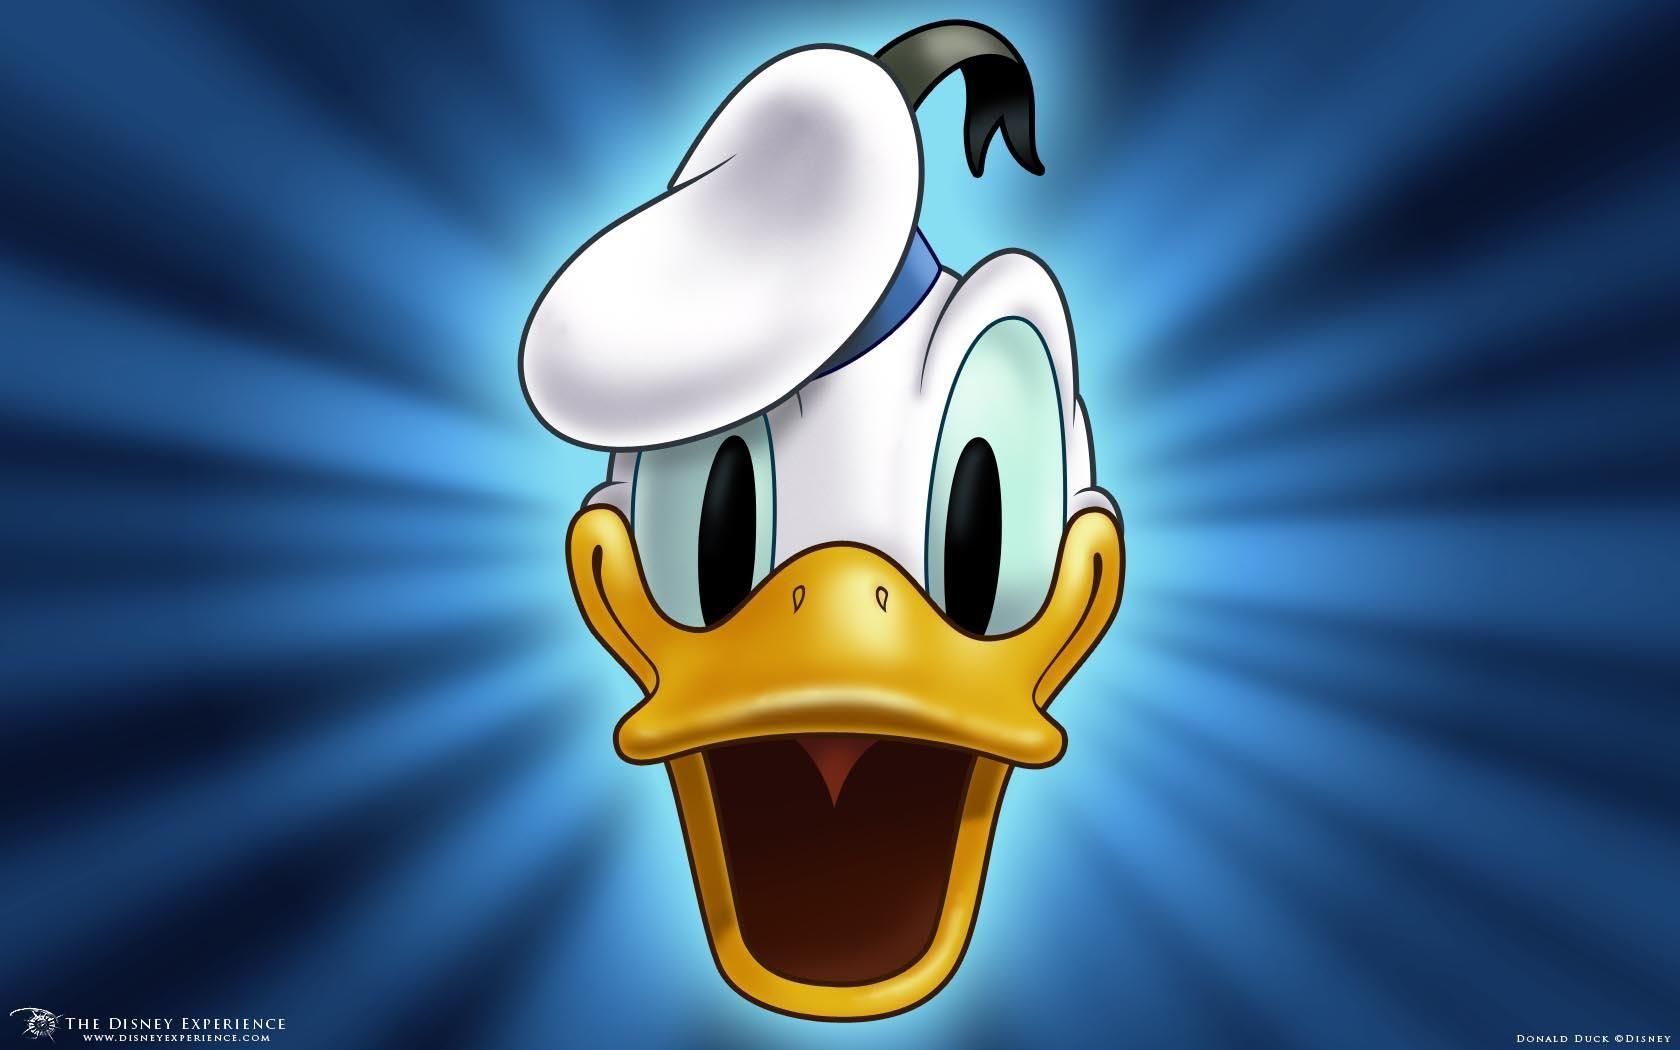 دونالد داك ديزني هد خلفيات عريضة ل عريضة 62 خلفيات هد خلفيات Duck Cartoon Duck Wallpaper Donald Duck